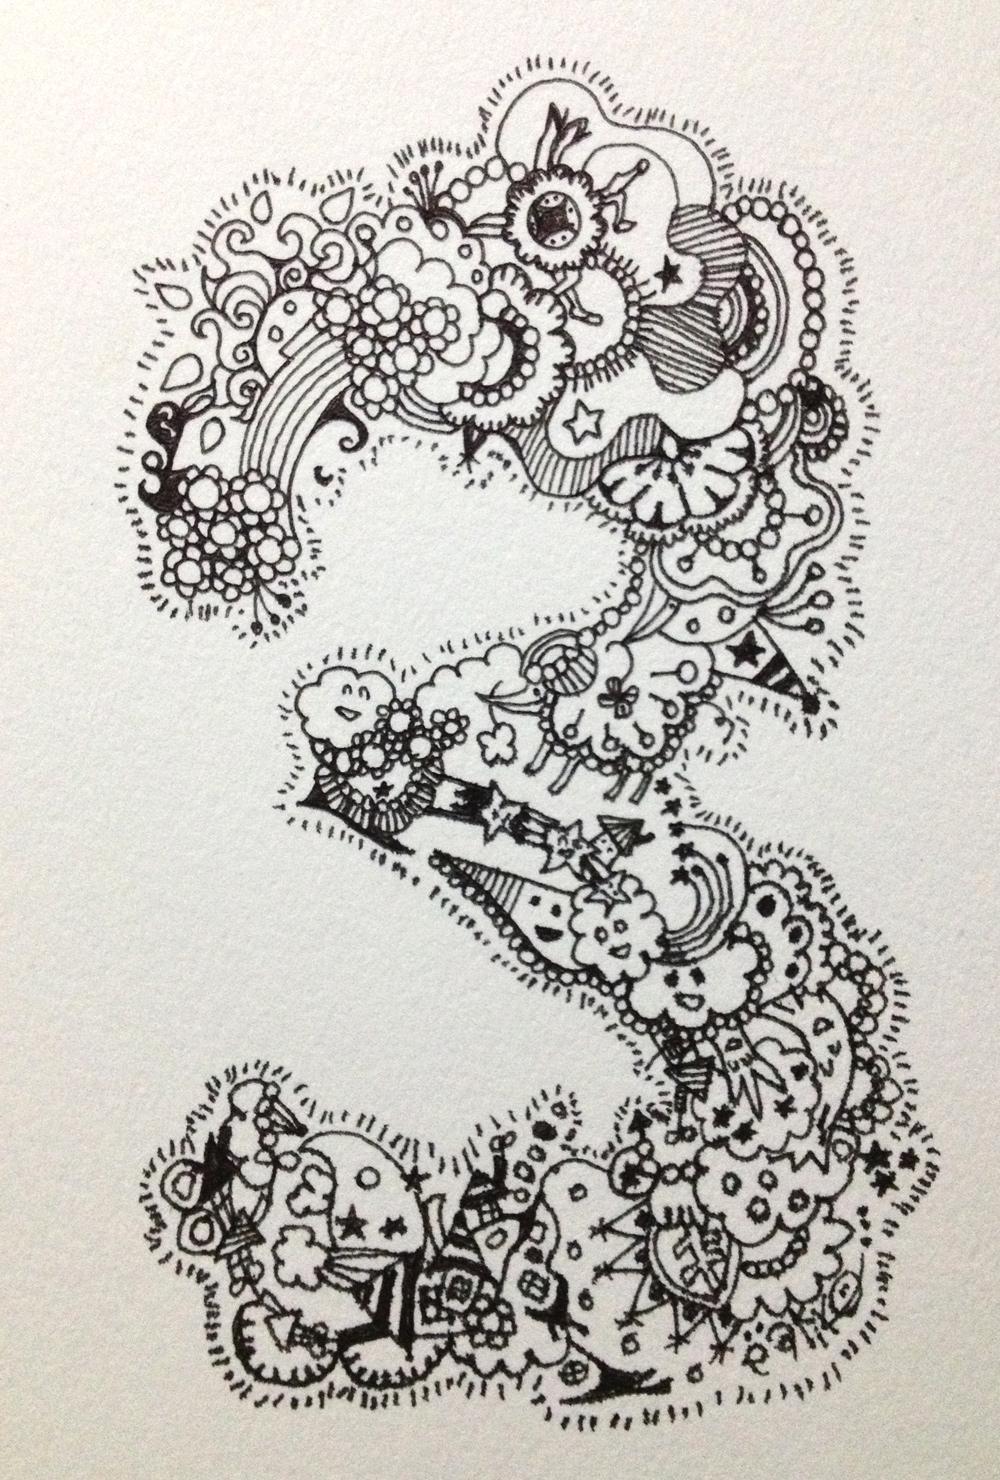 20130303スタート、晴れの日曜日のフリマのロゴ。絵描き大窪顕子ちゃん作。